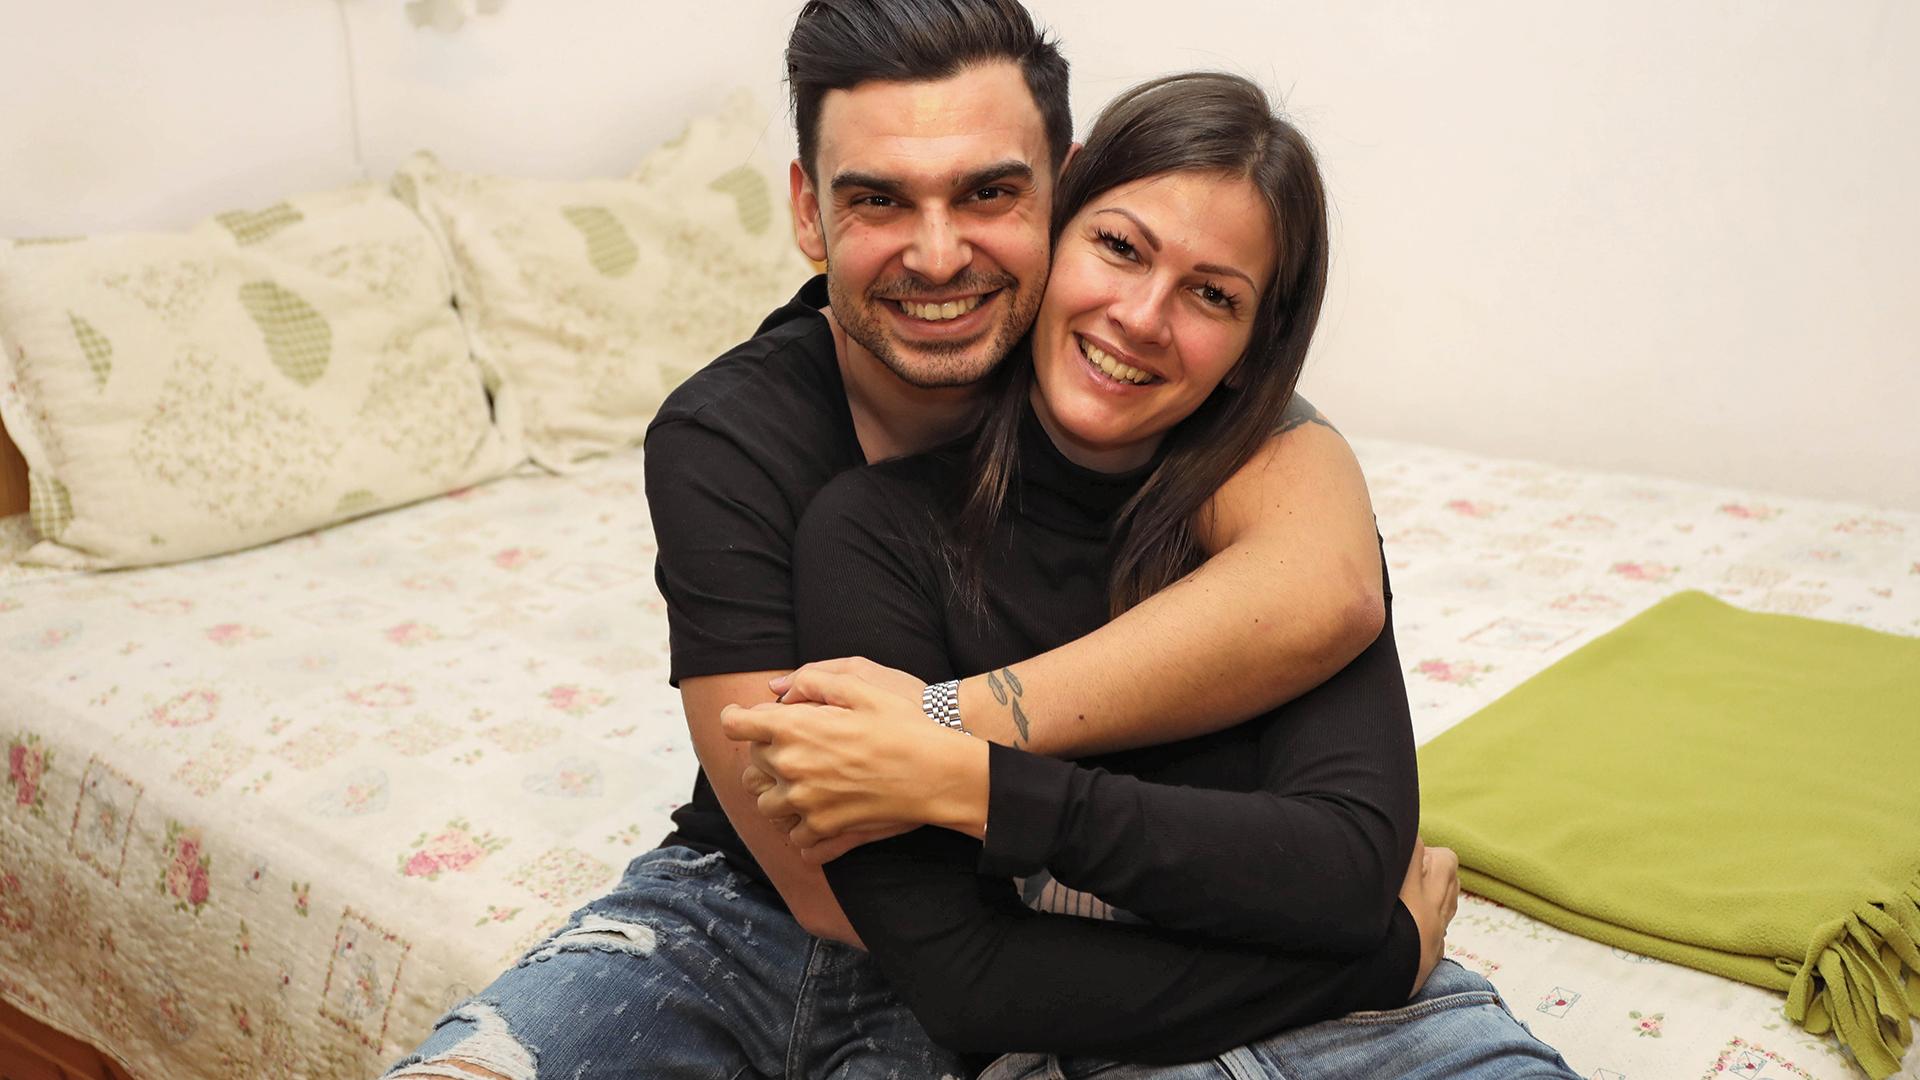 sztárvilág, horváth tamás, magyar sztár, szerelem